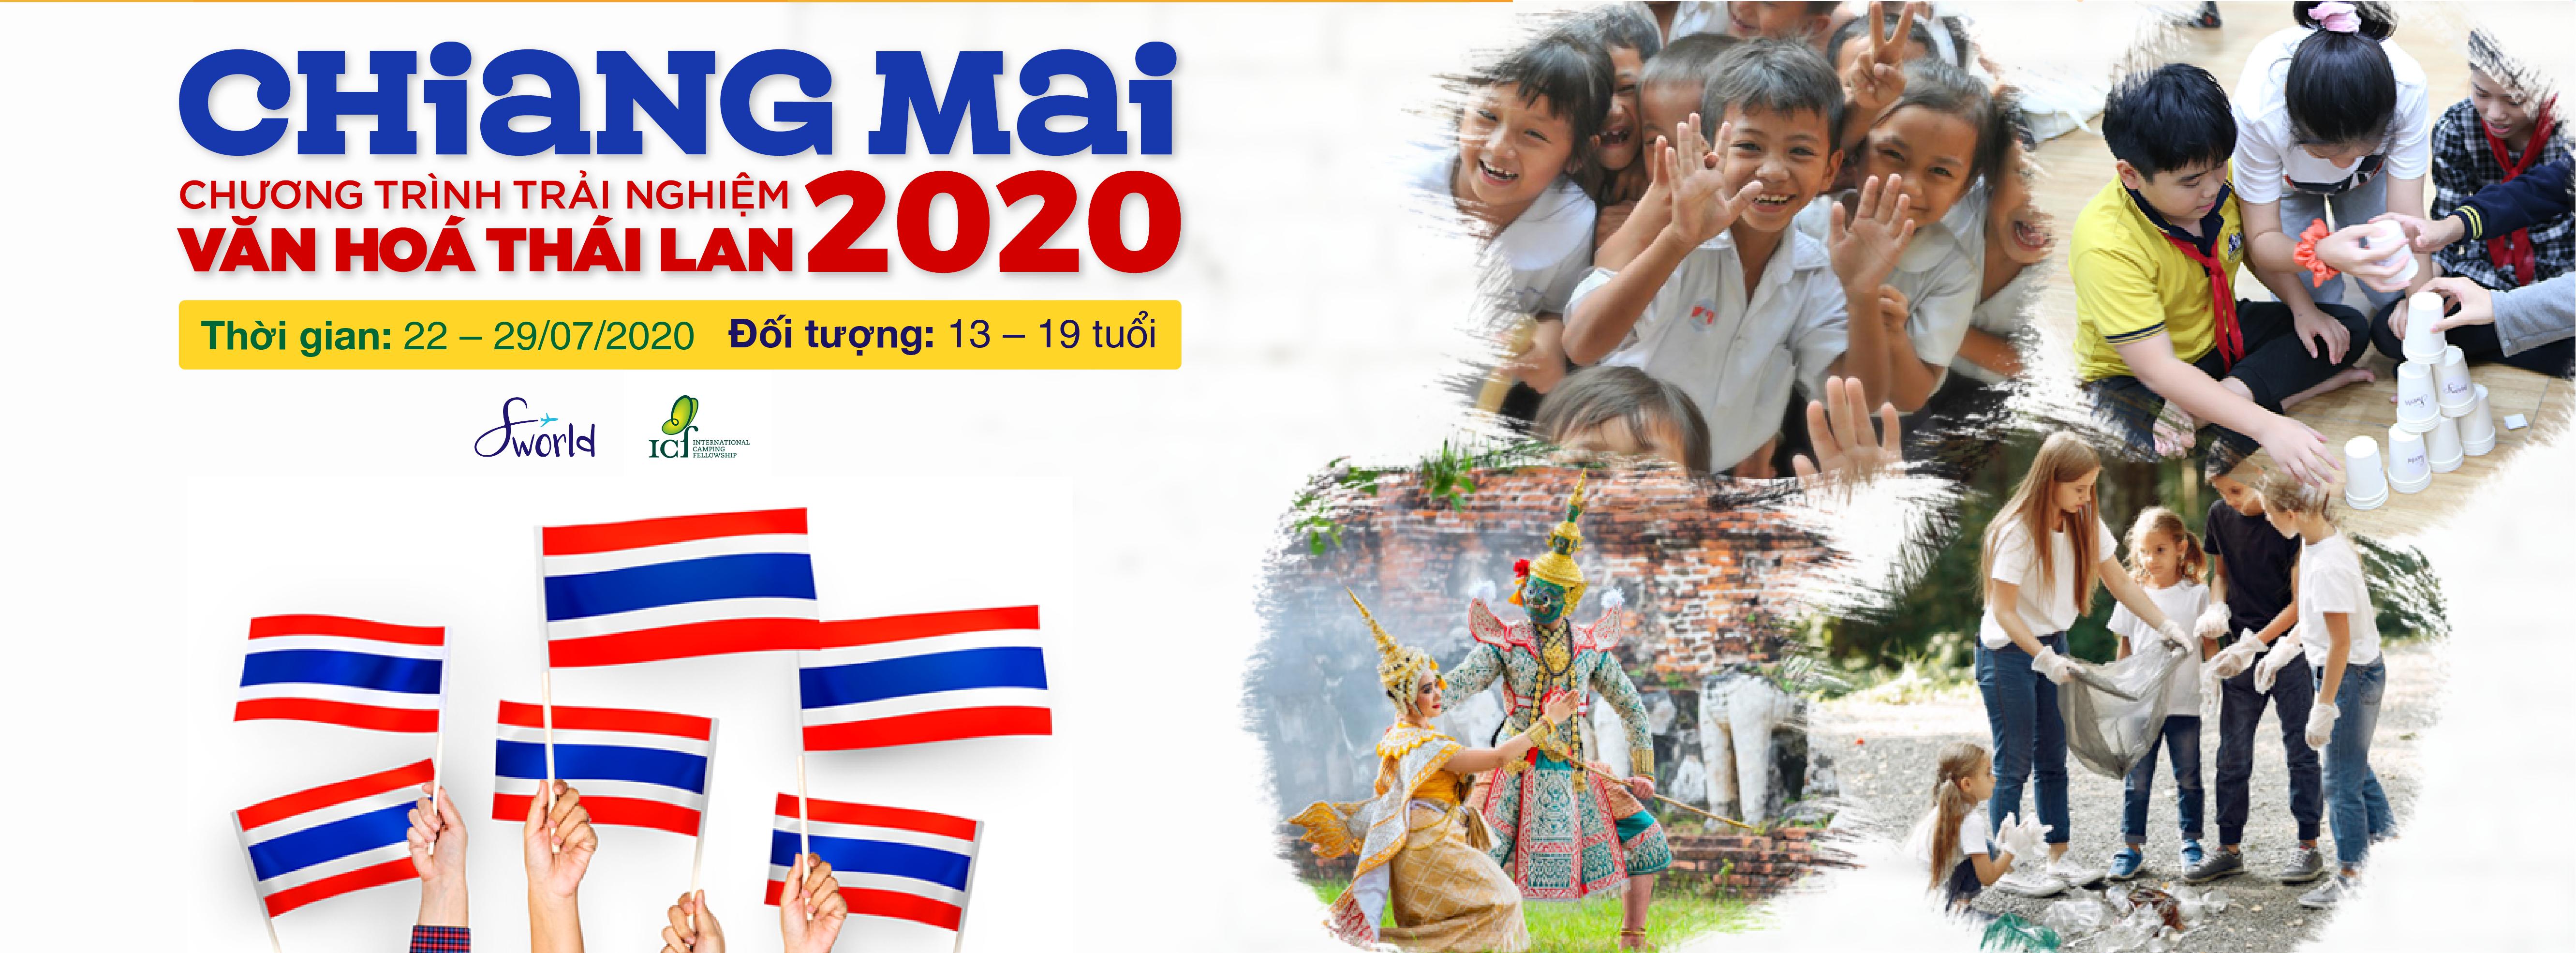 SWorld Camp Trại hè tiếng Anh Chiangmai Thailand-01